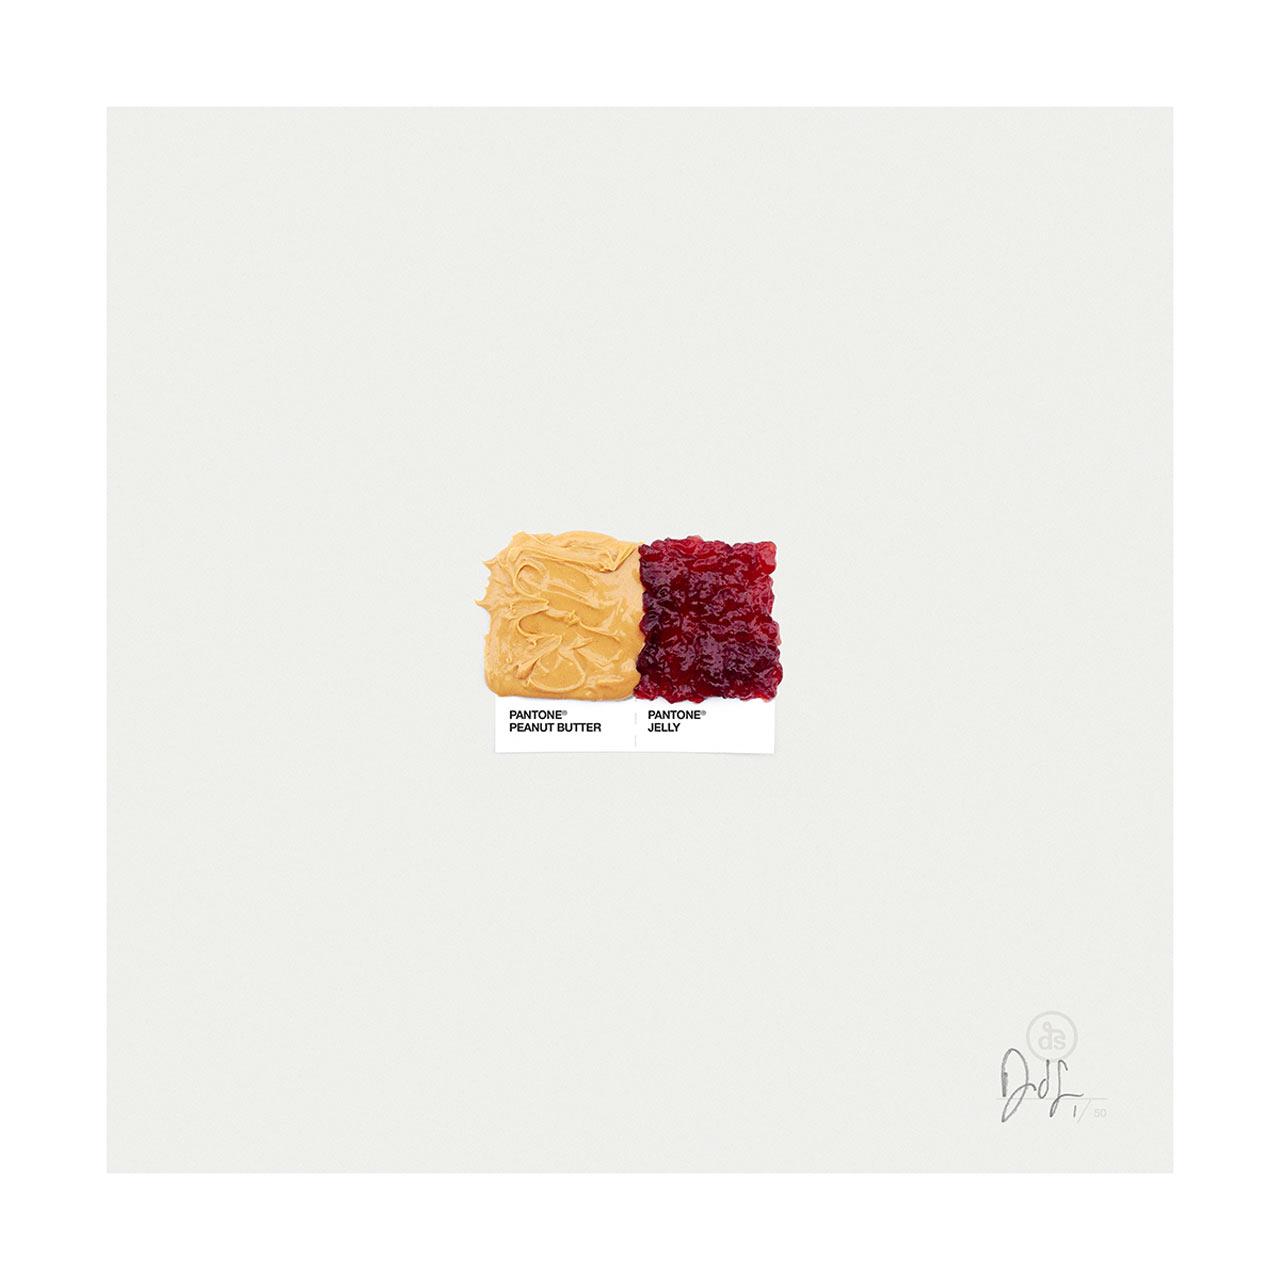 Pantone-Pairings-03_peanutbutter_jelly